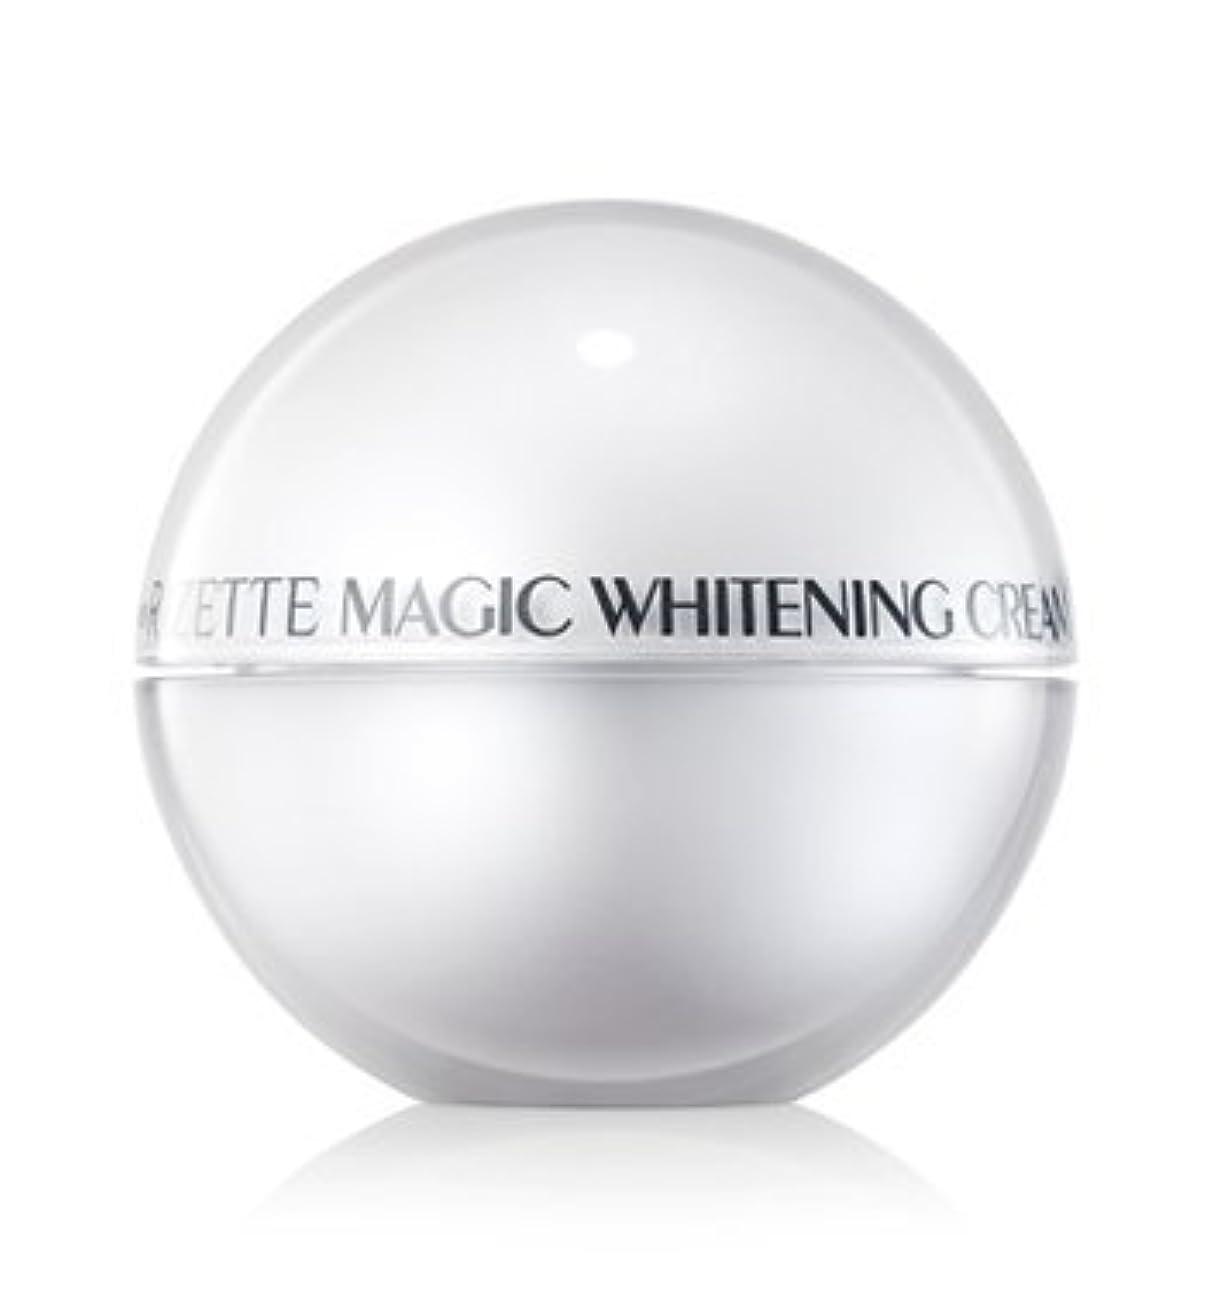 代数領収書説明リオエリ(Lioele) Rizette マジック ホワイトニング クリーム プラス/ Lioele Rizette Magic Whitening Cream Plus[並行輸入品]